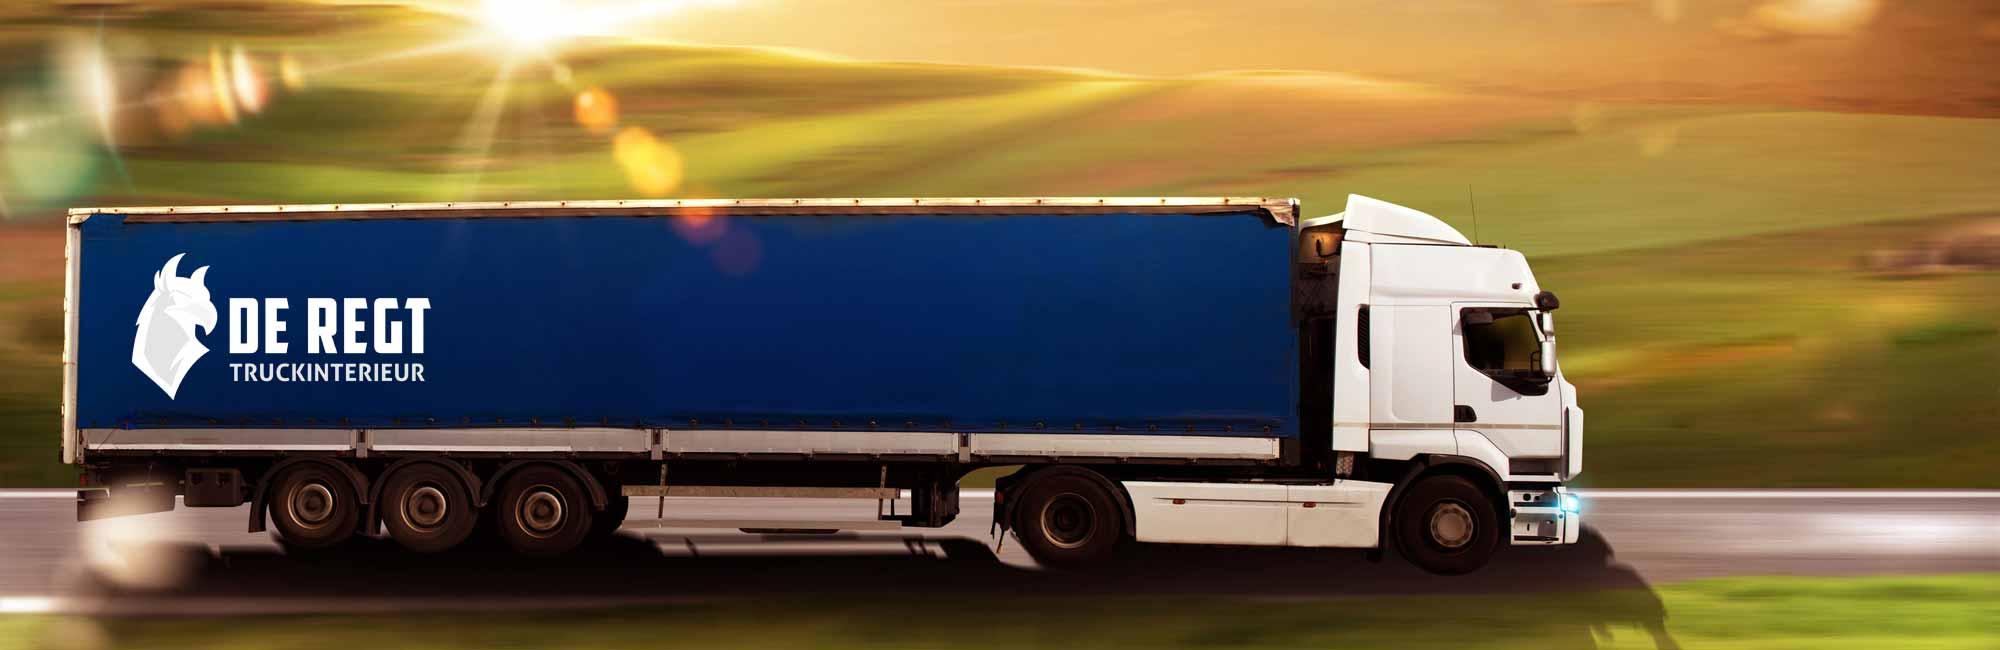 - Truckinterieur De Regt | Vrachtwagenbekleding